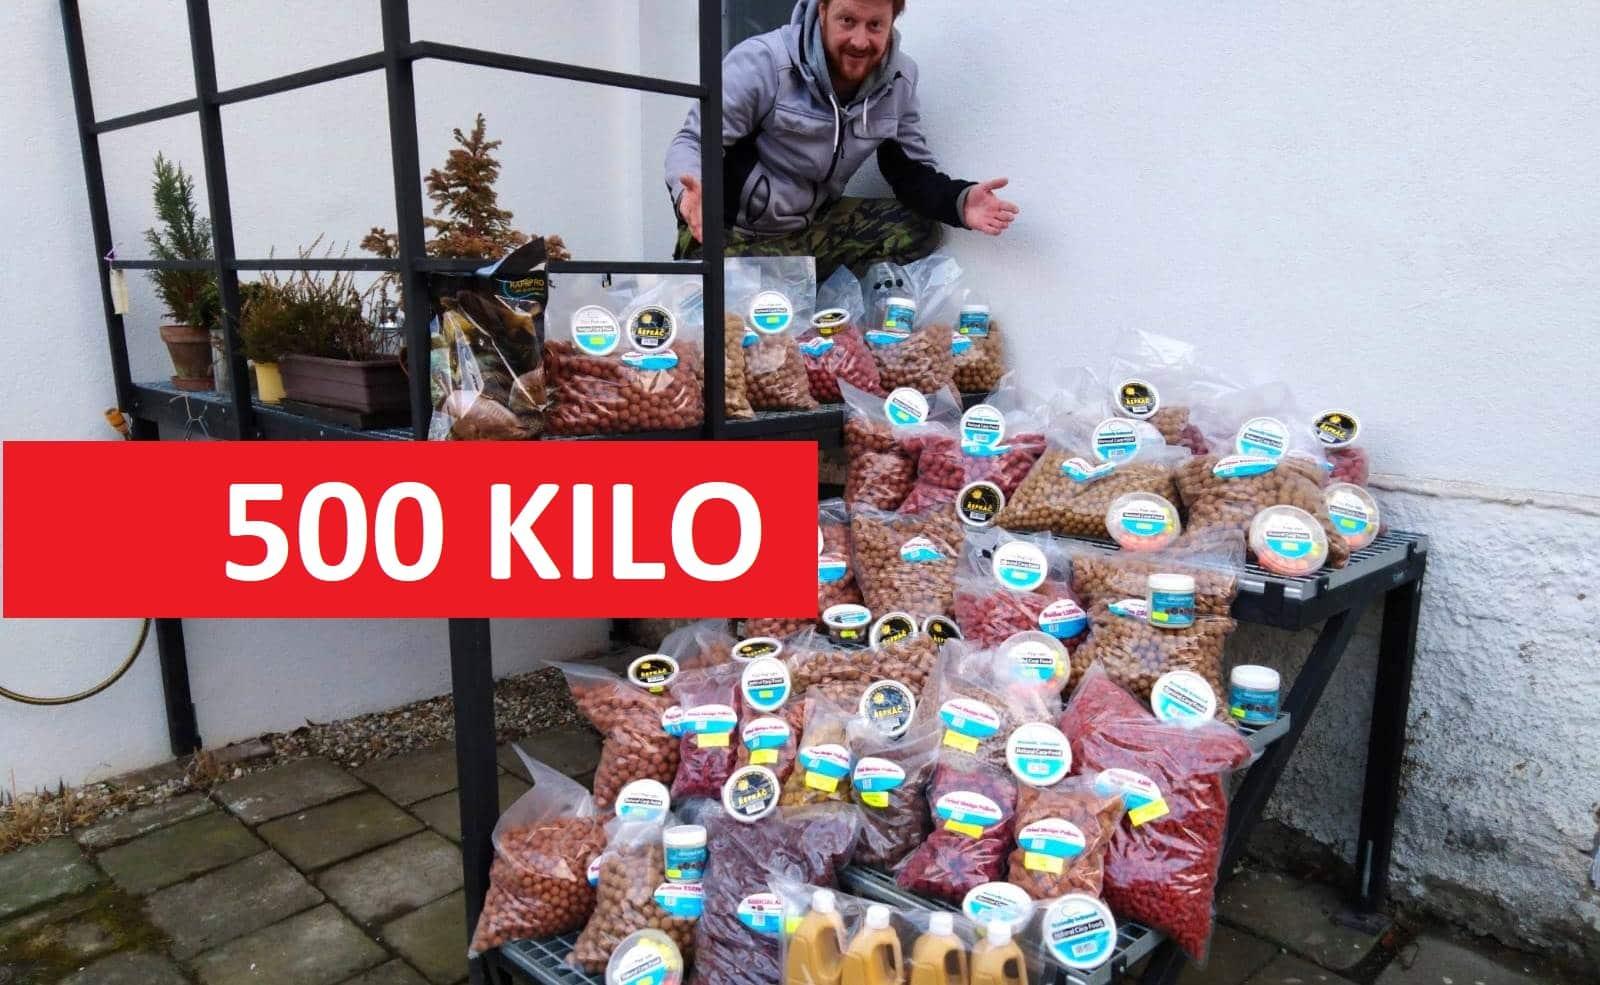 Vyhrajte přes 500 kilo boilies za 30000 korun! Soutěž trvá jen do tohoto pátku!